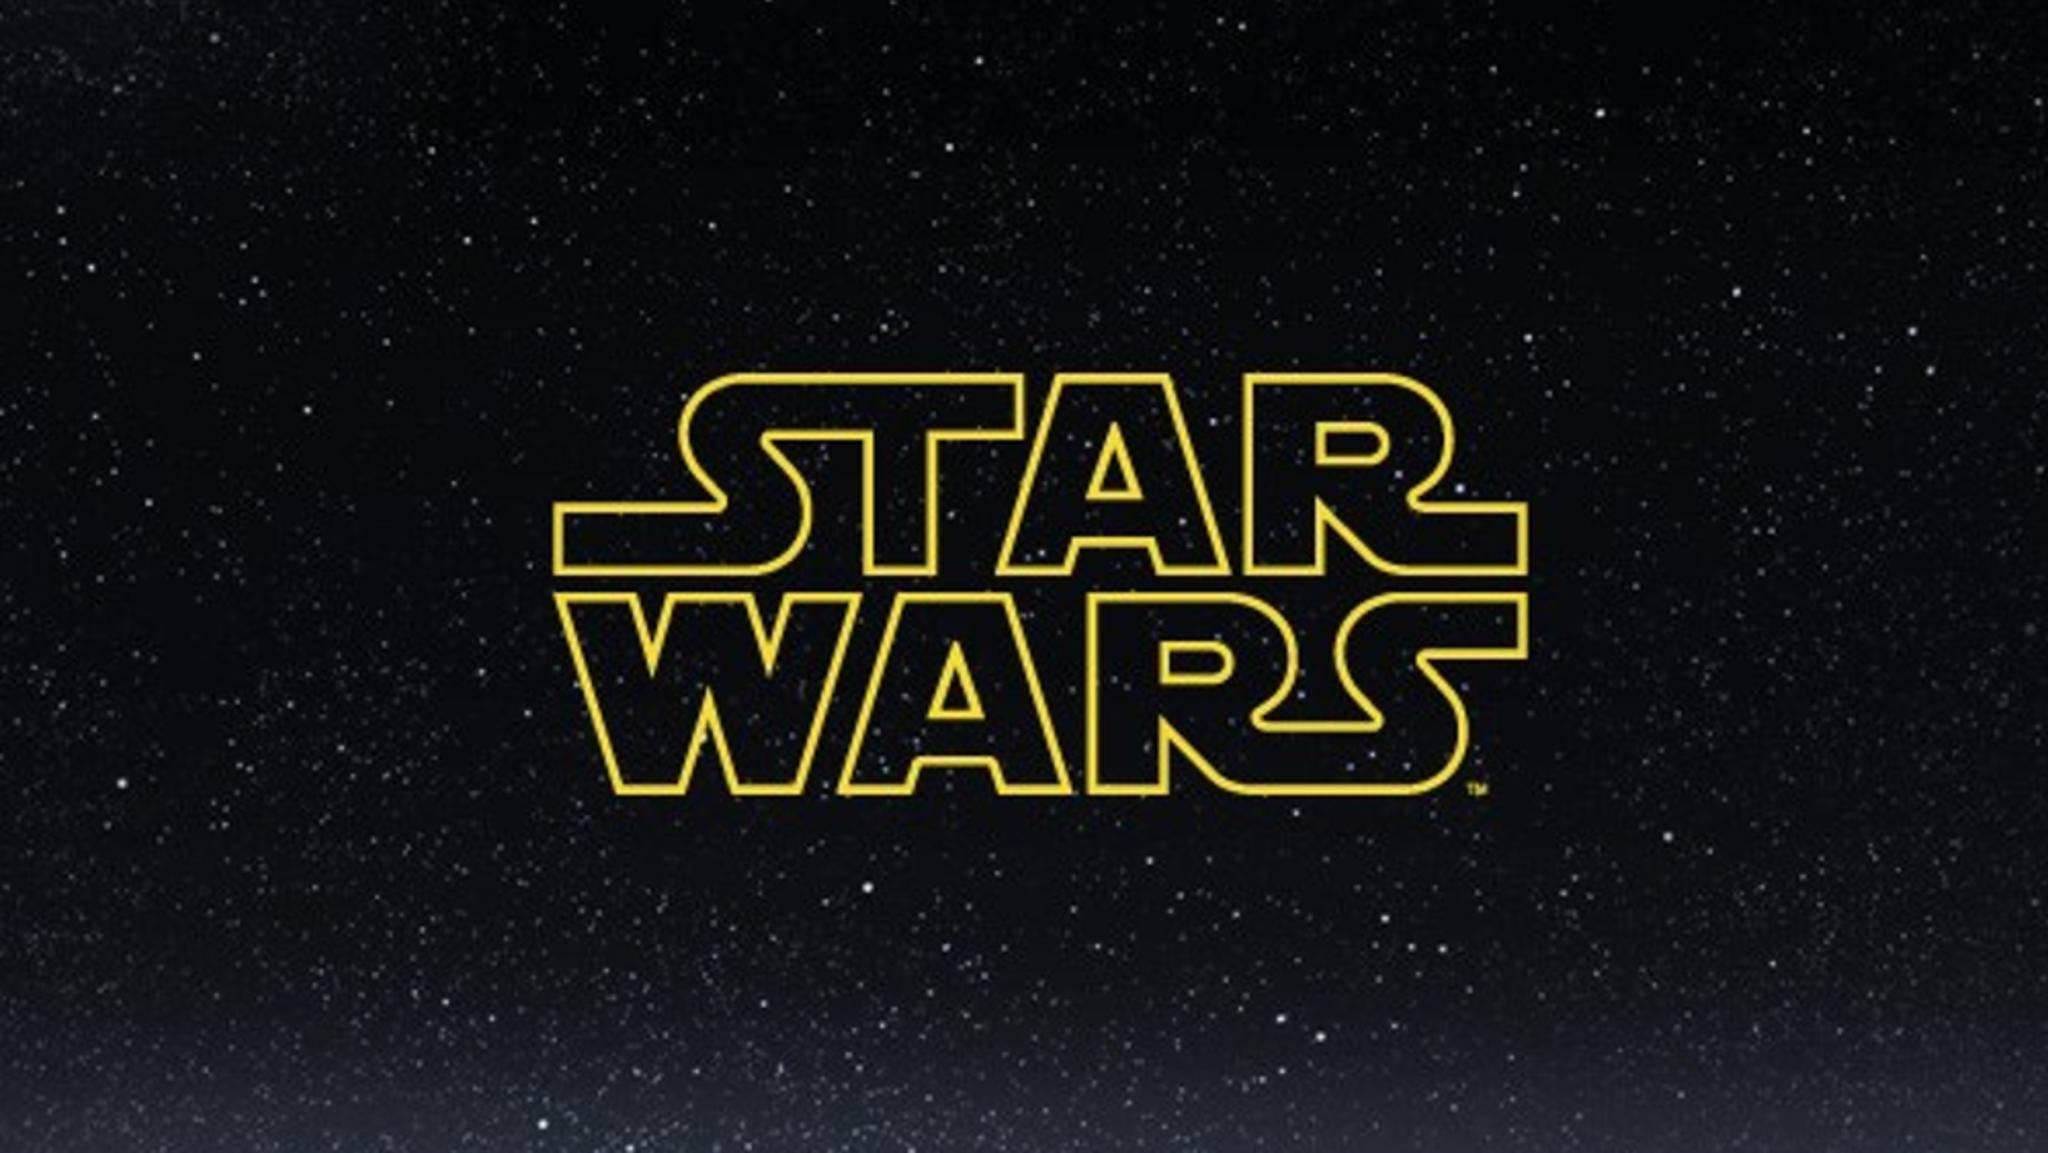 """Im Dezember 2019 schließt J.J. Abrams die Sequel-Trilogie der Sternensaga mit """"Star Wars 9"""" ab."""